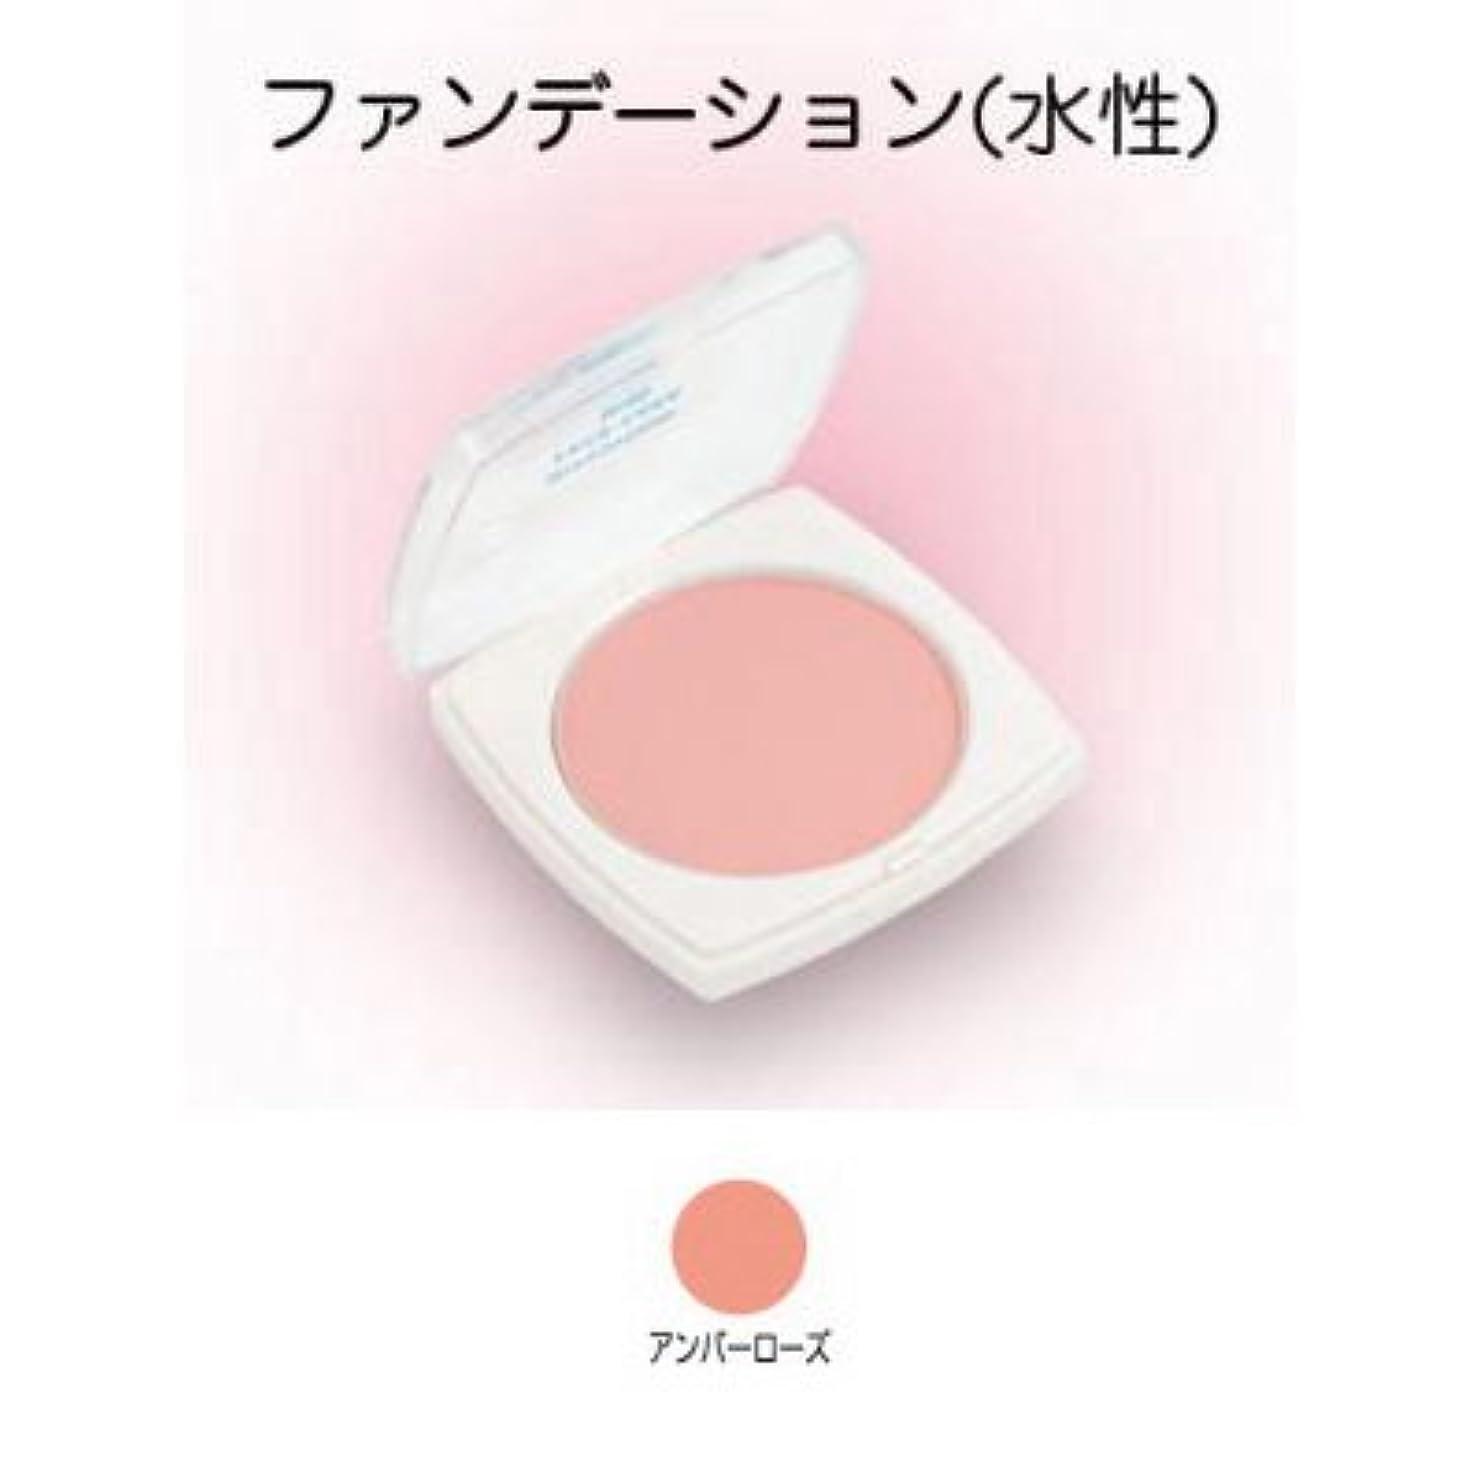 無法者蒸気適切なフェースケーキ ミニ 17g アンバーローズ 【三善】